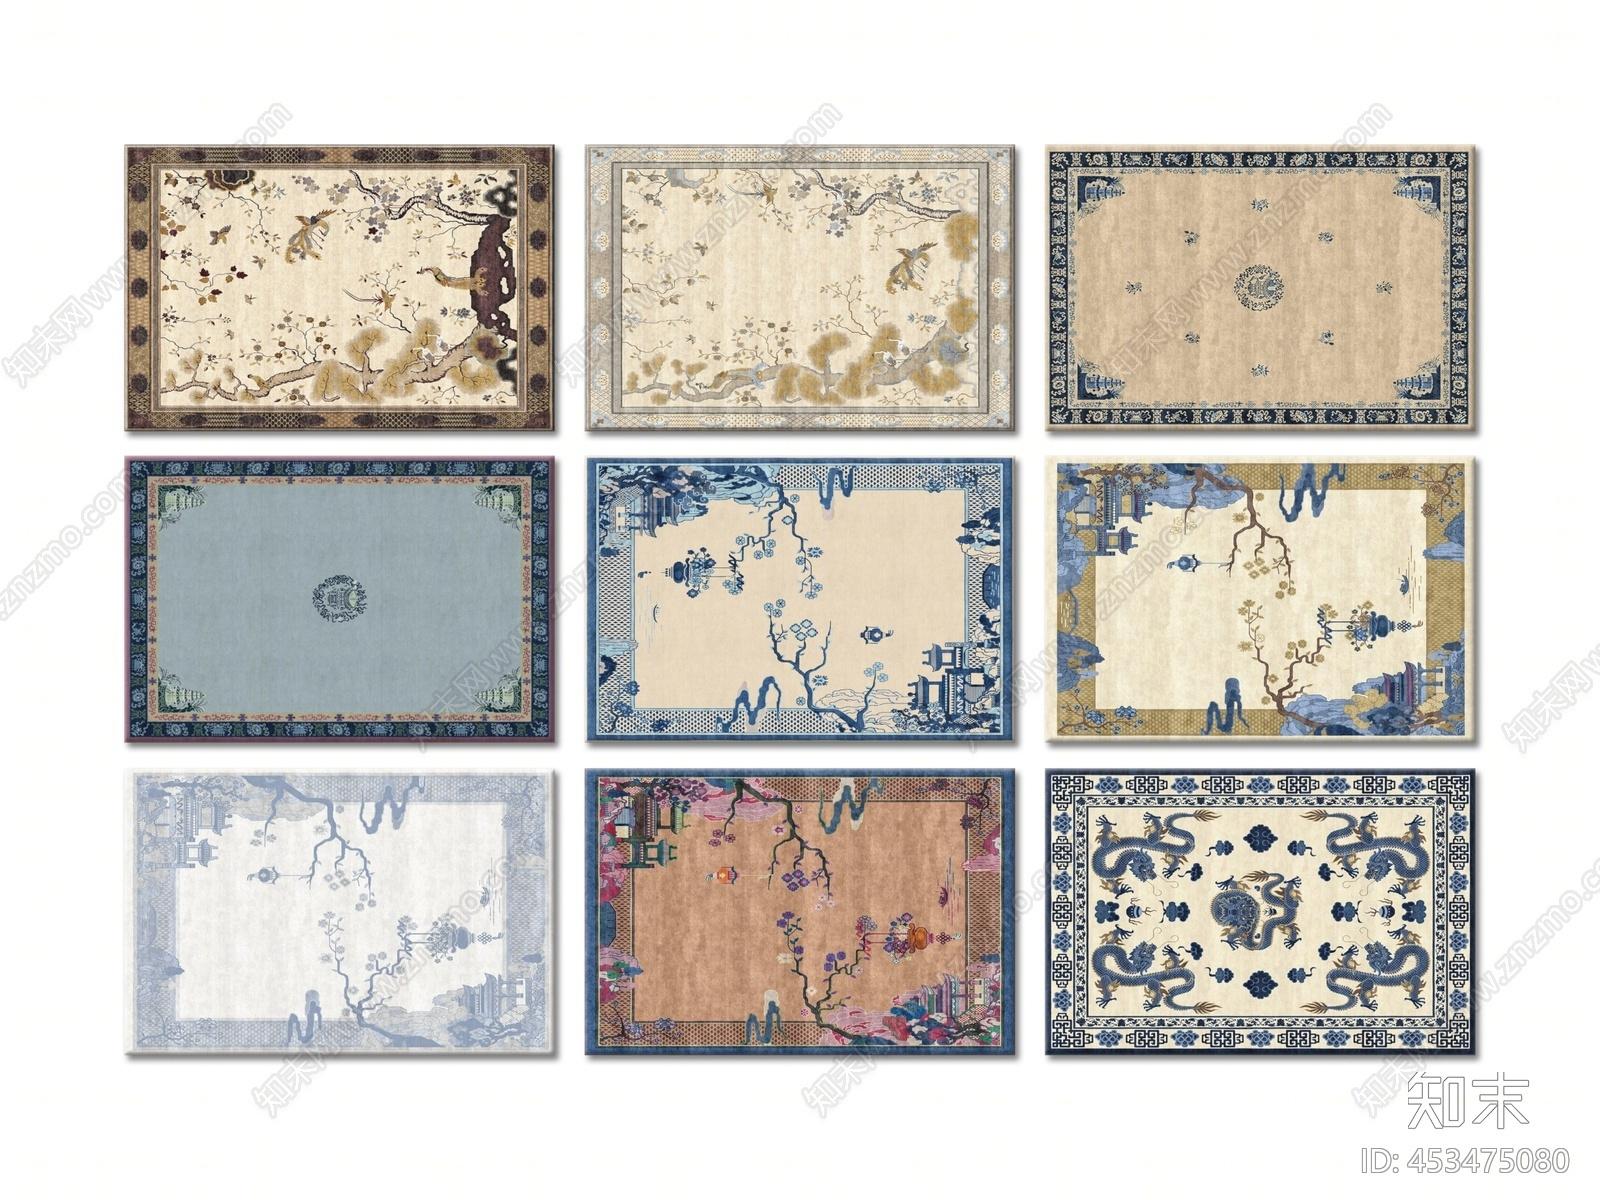 中式方形地毯 中国画装饰山水花鸟装饰 纹样装饰